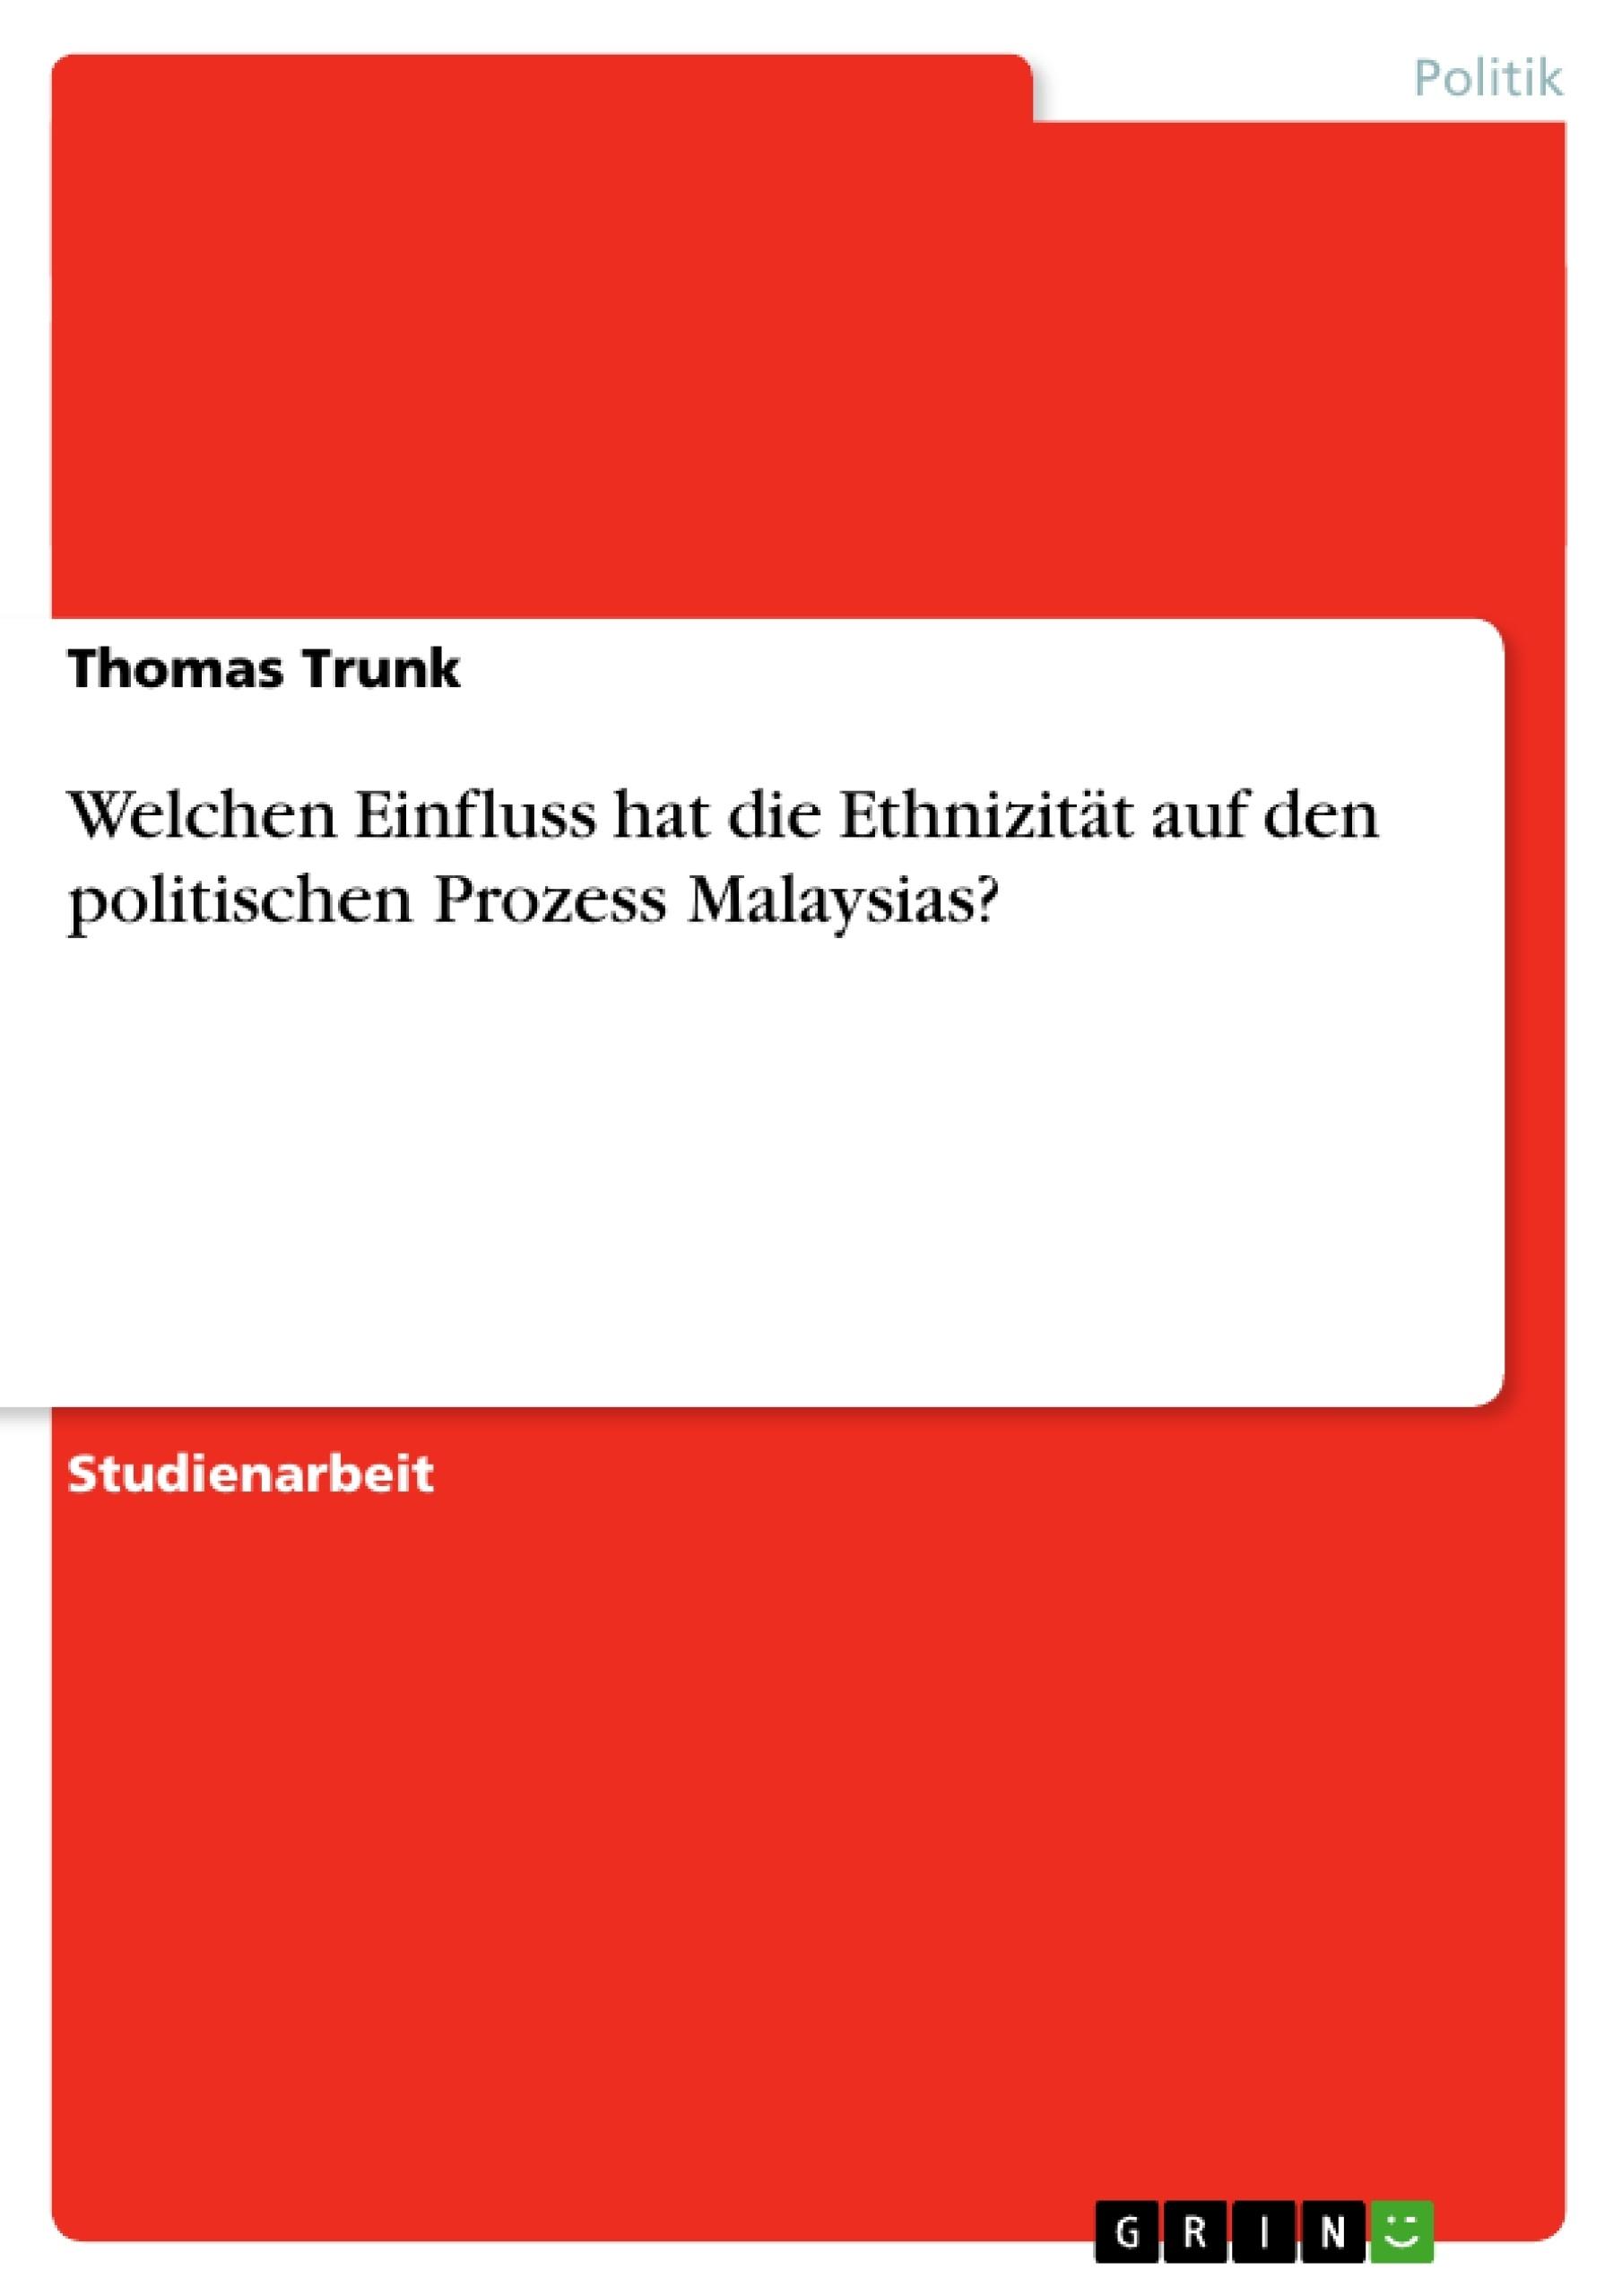 Titel: Welchen Einfluss hat die Ethnizität auf den politischen Prozess Malaysias?